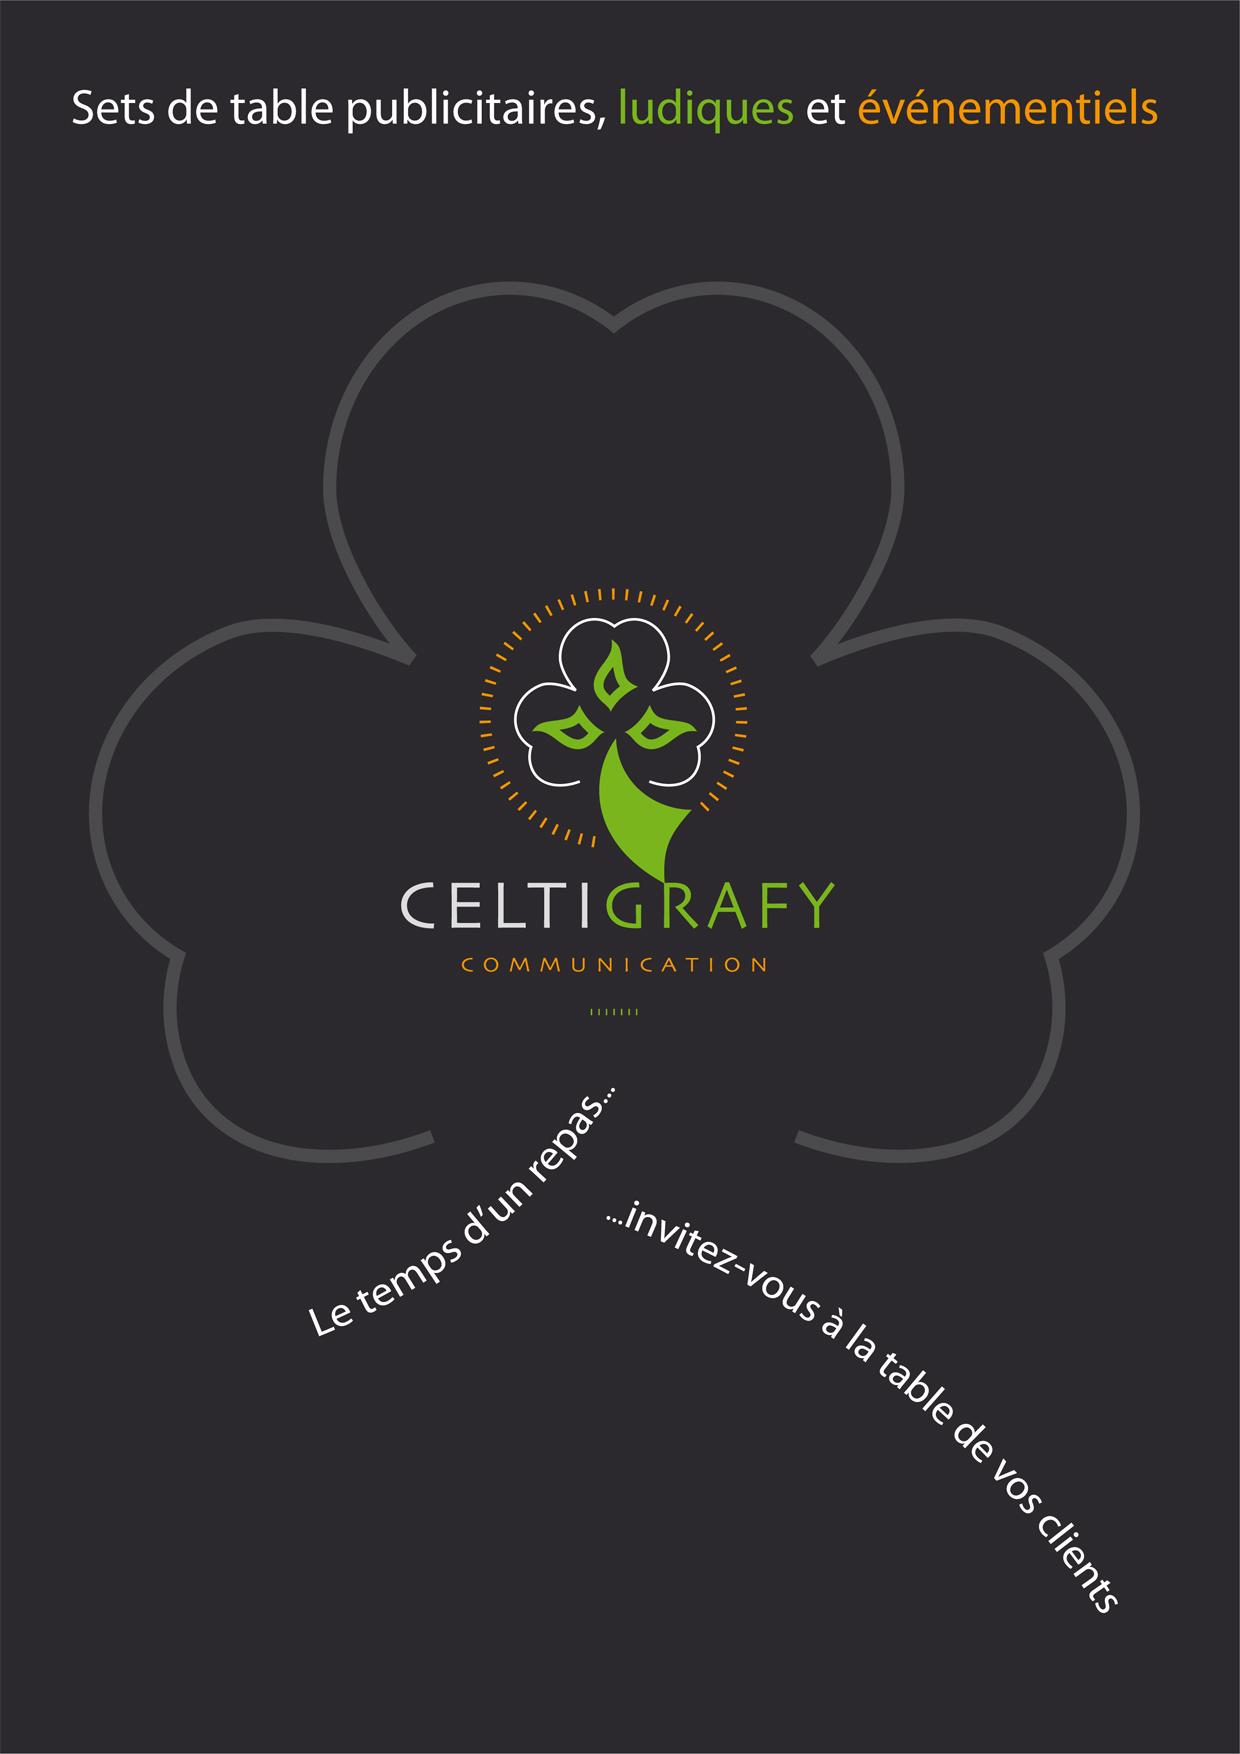 Couverture plaquette Celti Grafy